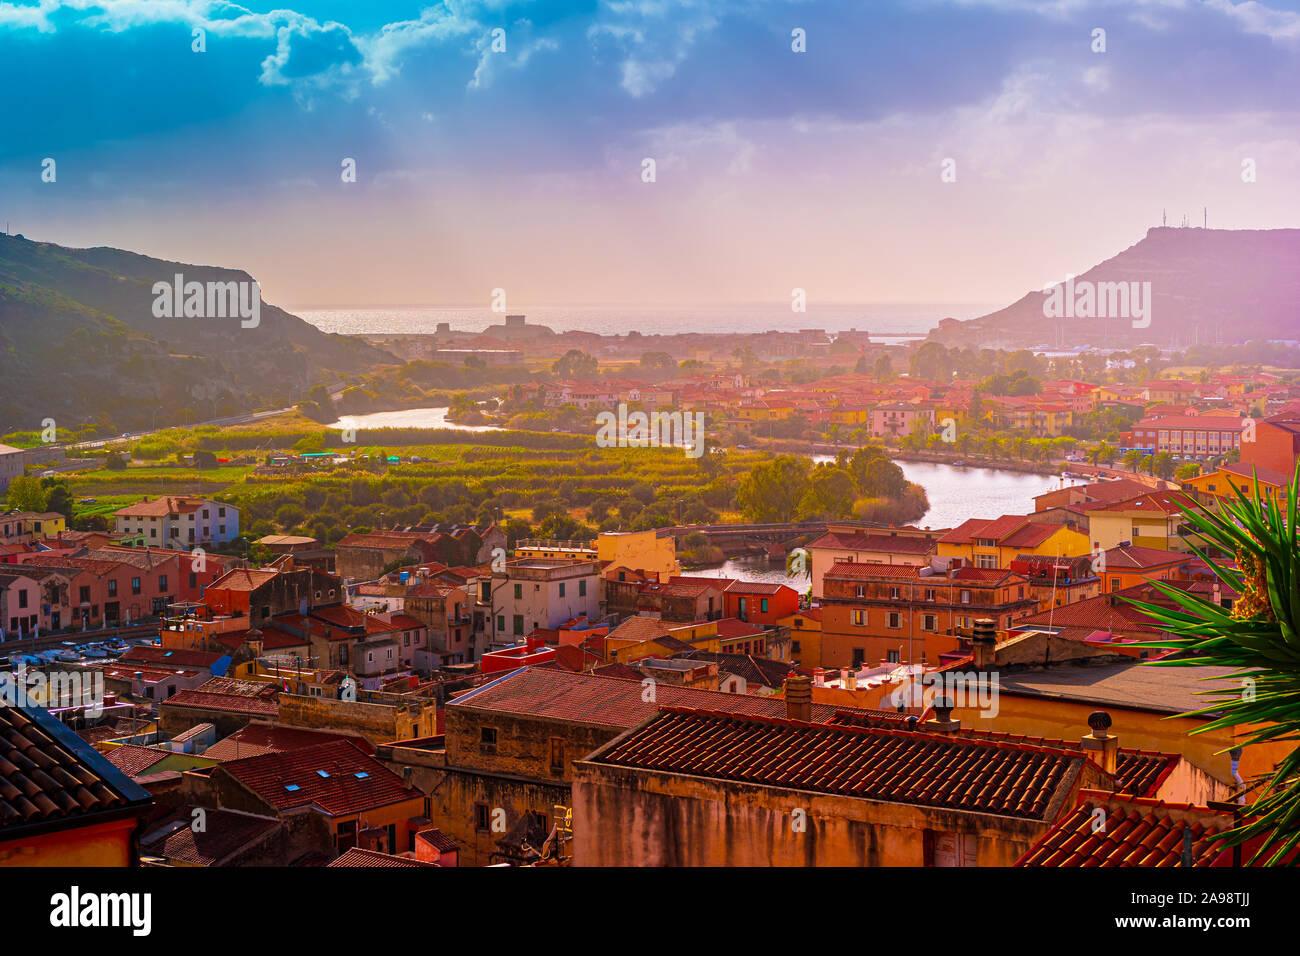 Vista desde arriba en la ciudad de Bosa con casas con tejados rojos, montañas con árboles verdes y el río Temo que fluye hacia el mar Mediterráneo. Ubicación th Foto de stock